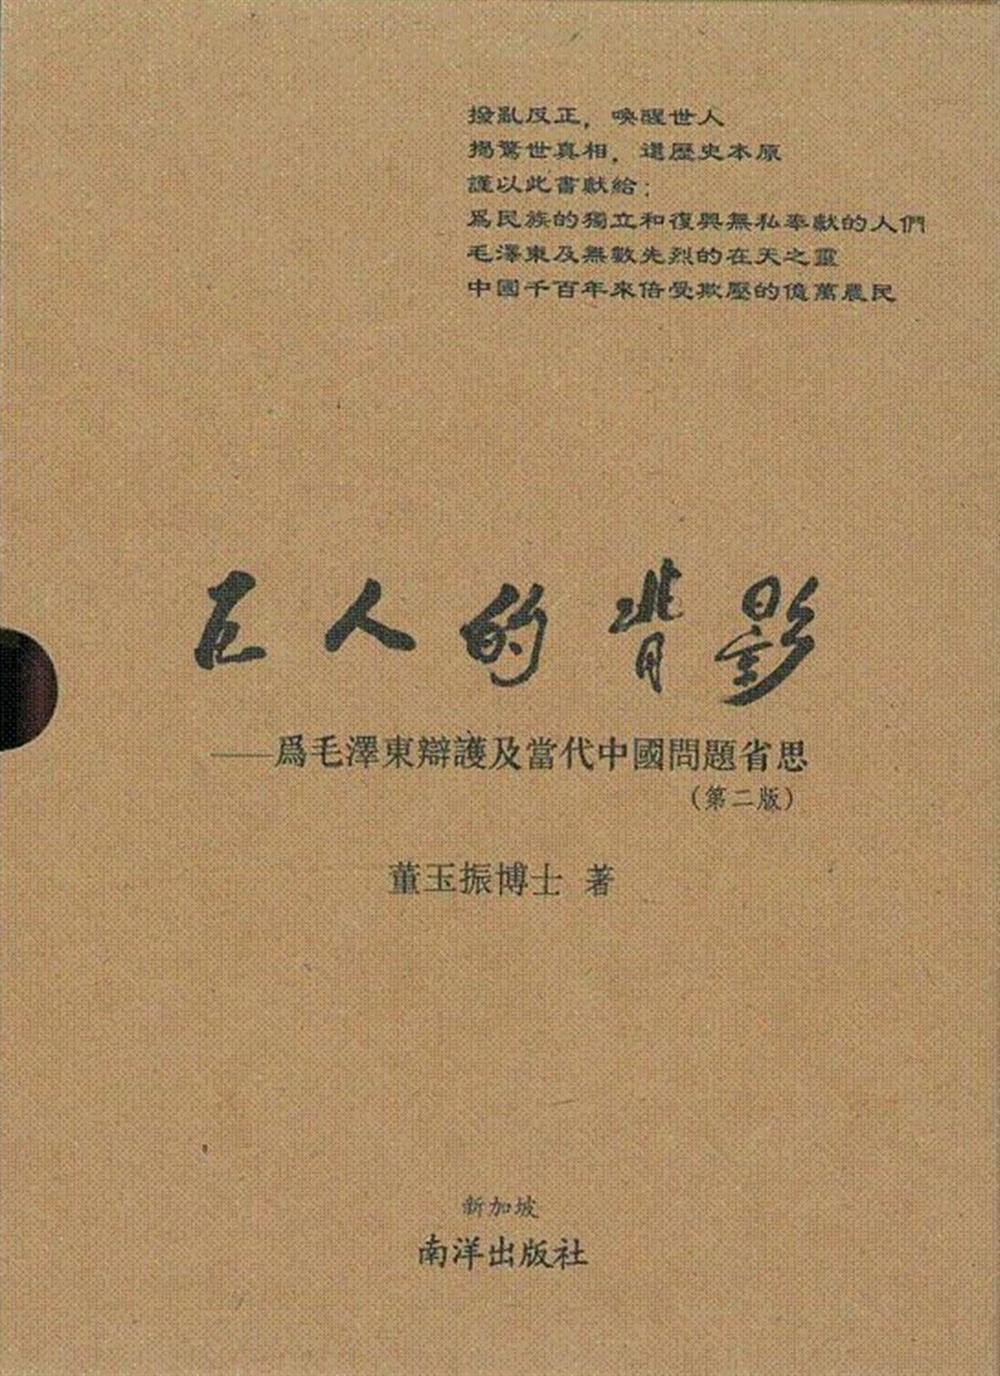 巨人的背影:爲毛澤東辯護及當代中國問題省思(二版)